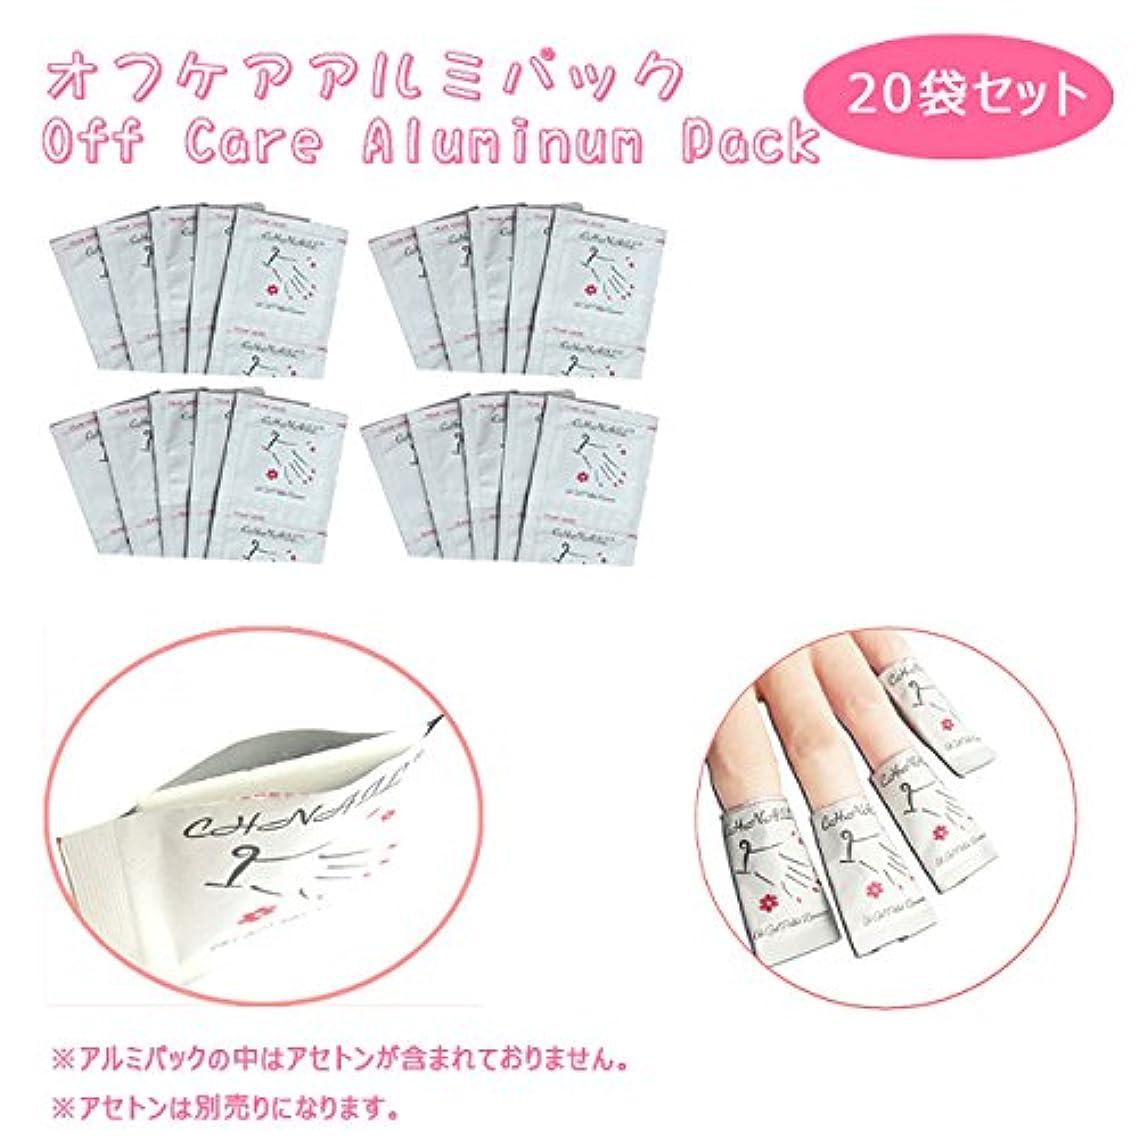 以来道徳のビヨンオフケアアルミパック/Off Care Aluminum Pack★20袋 (20袋)